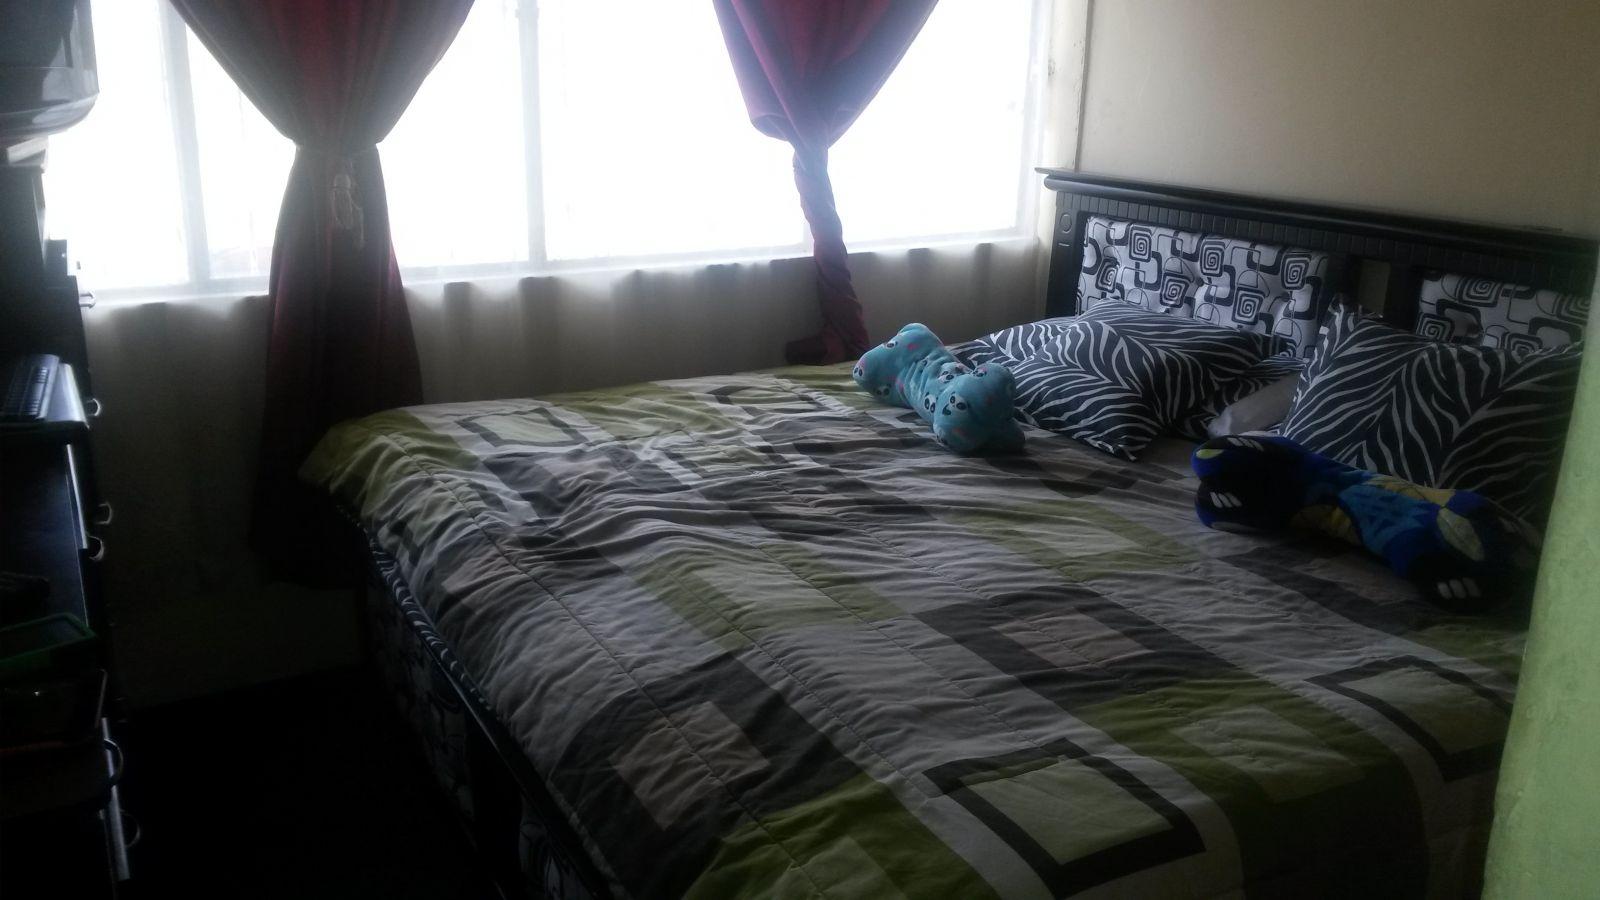 Rento schön eingerichtete Zimmer - Gabinohome